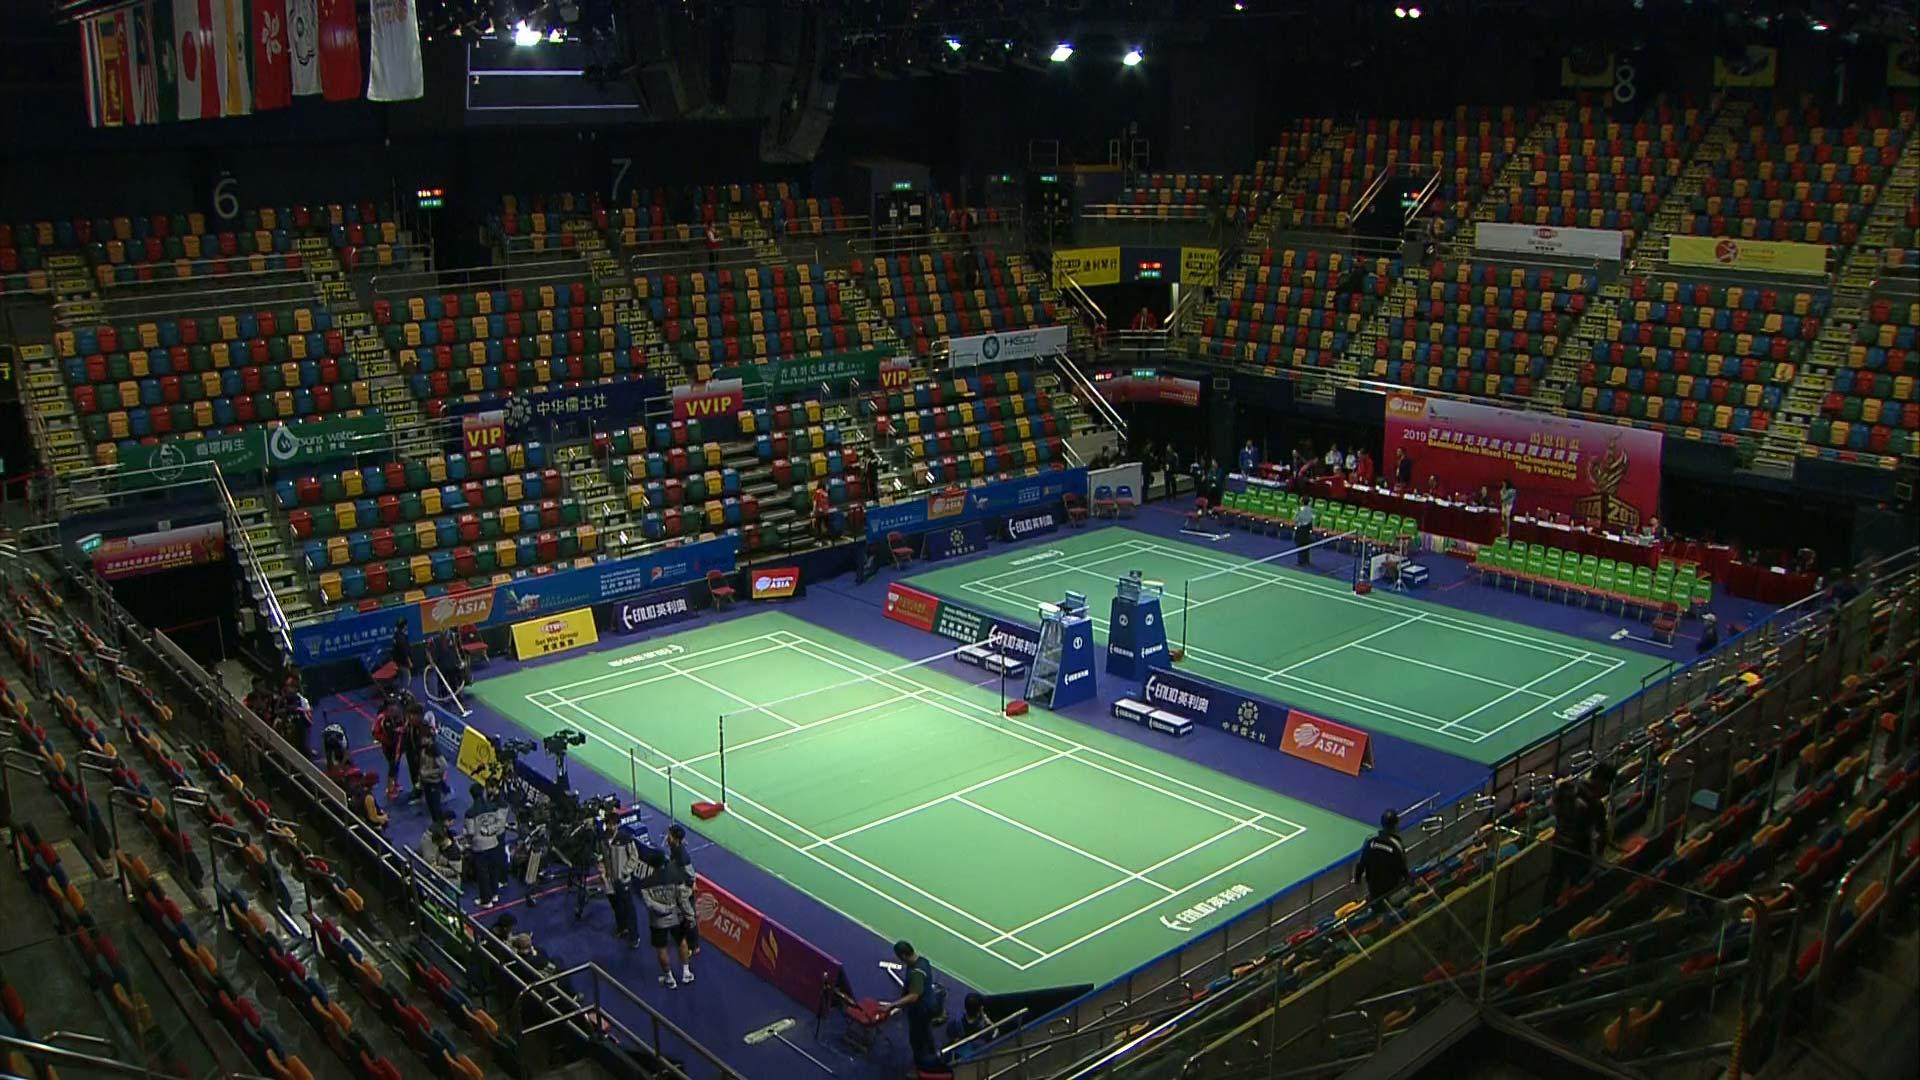 Frekuensi siaran Badminton_TYK_CUP di satelit AsiaSat 5 Terbaru